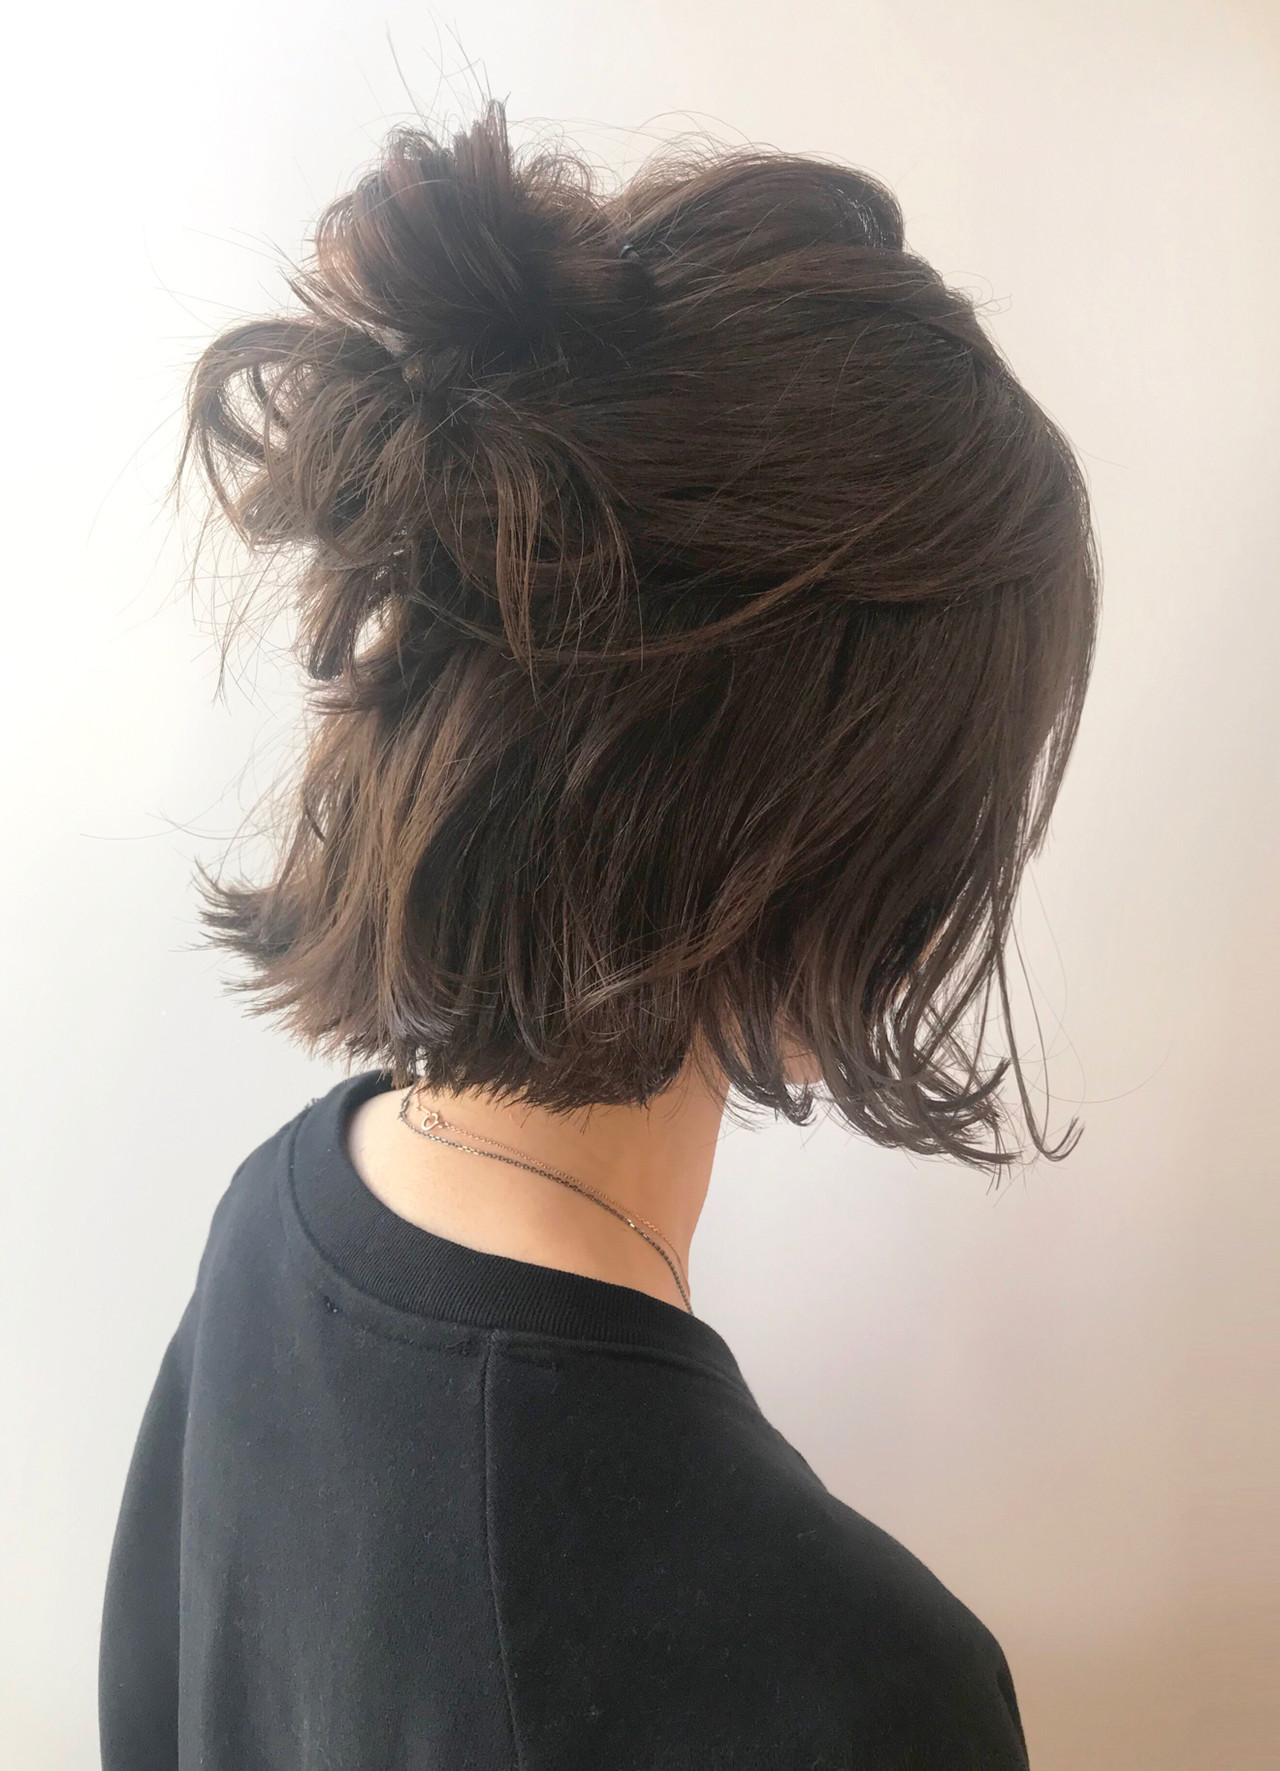 アンニュイほつれヘア 大人可愛い 簡単ヘアアレンジ ヘアアレンジ ヘアスタイルや髪型の写真・画像